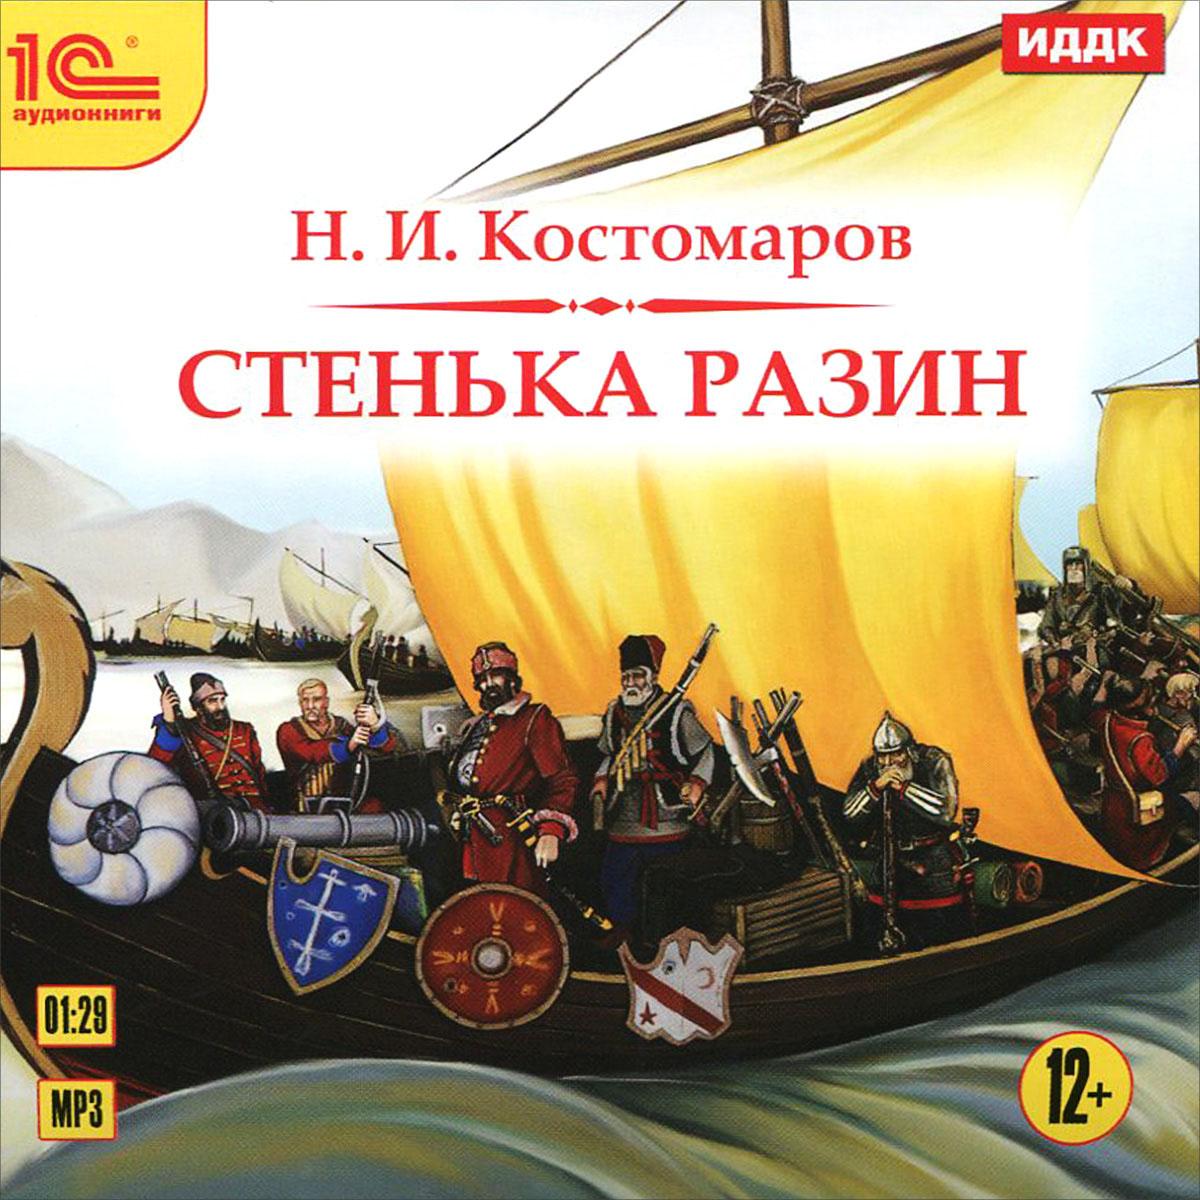 Стенька Разин (аудиокнига MP3) ( 978-5-9677-2310-0 )